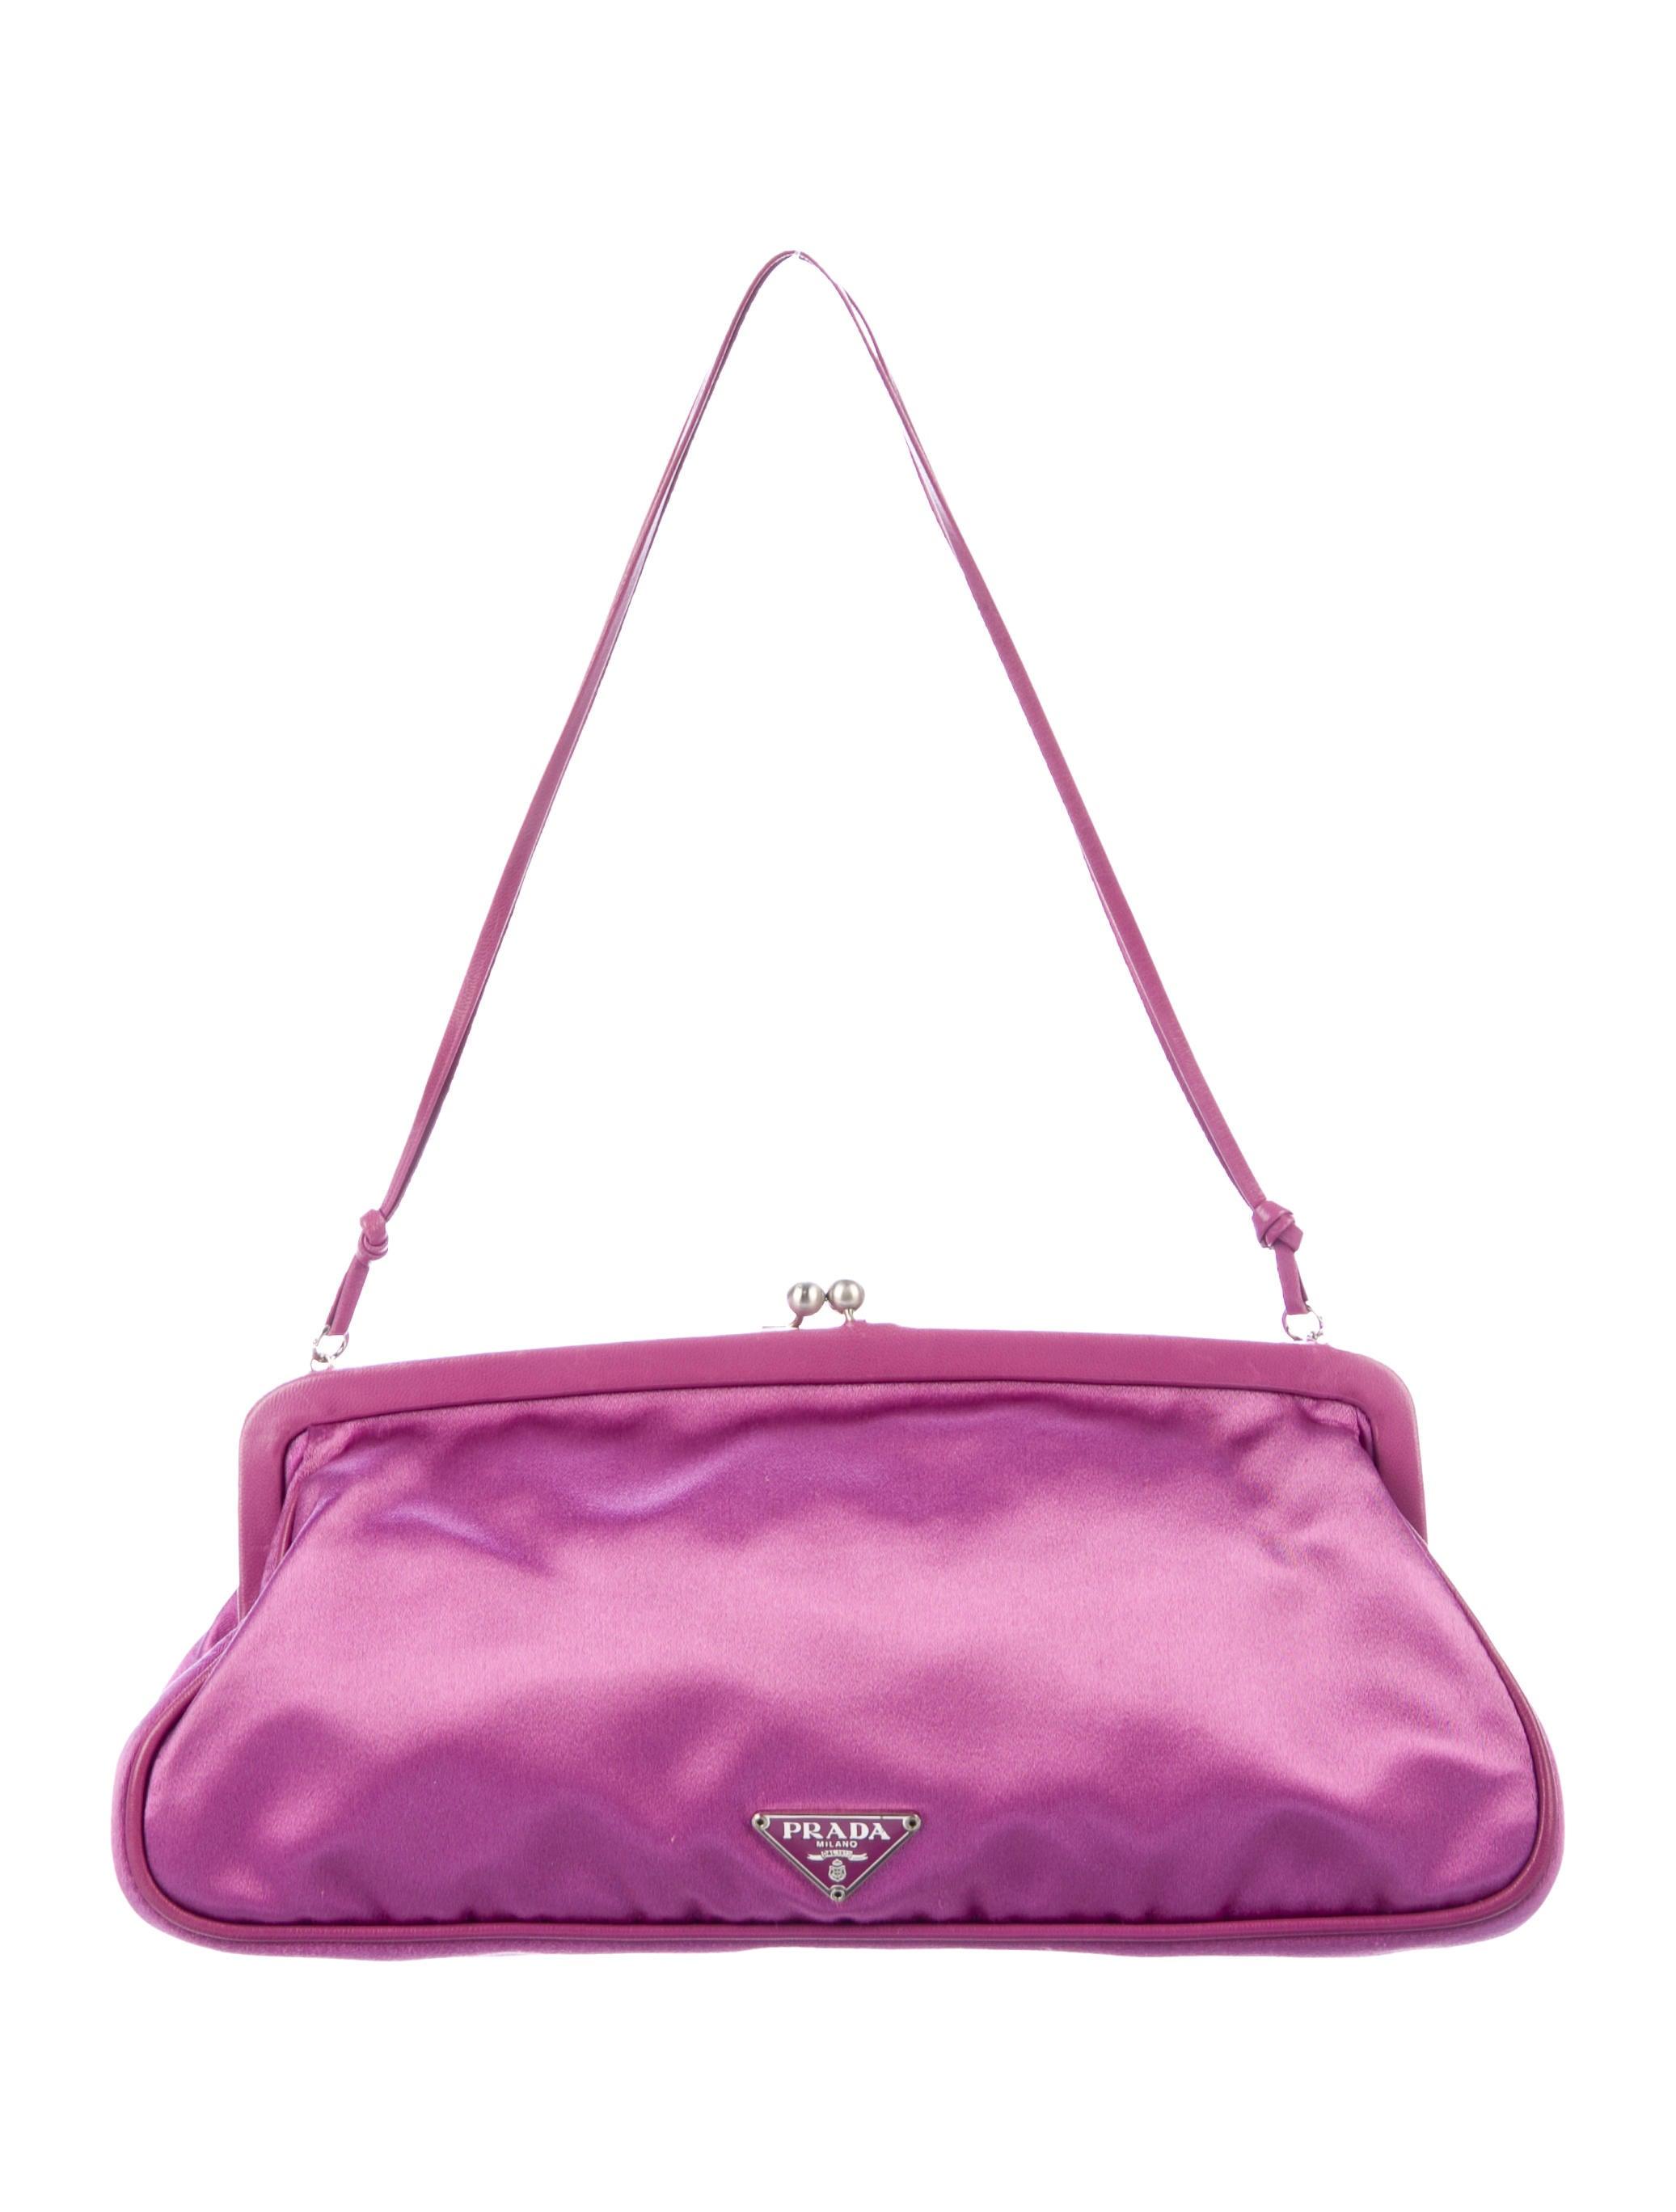 971ae6eca2ef Prada Satin Frame Evening Bag - Handbags - PRA263267 | The RealReal